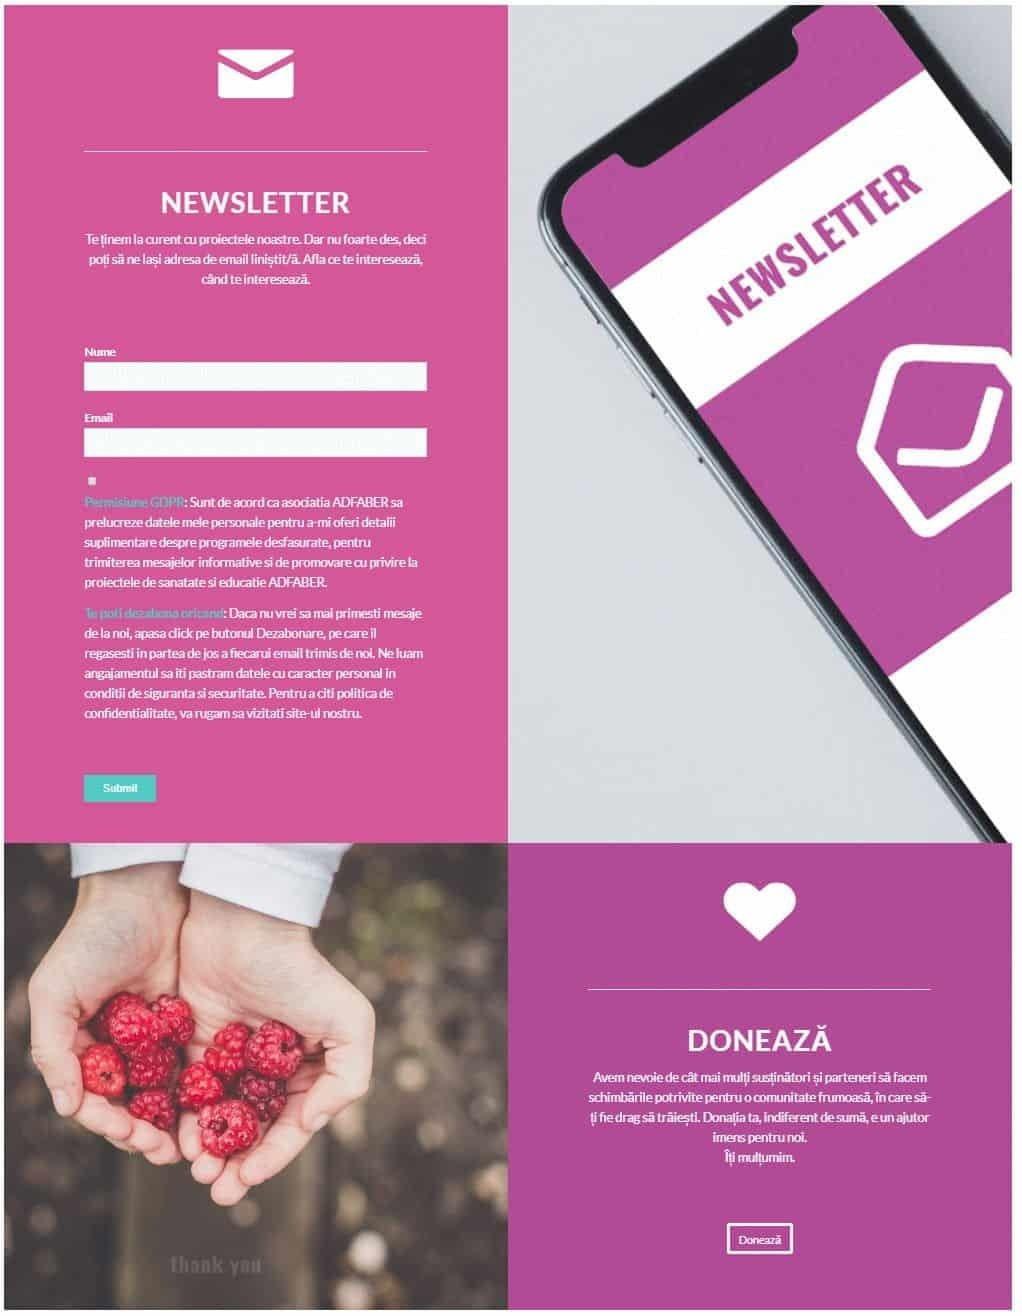 Adfaber, web design, website, design